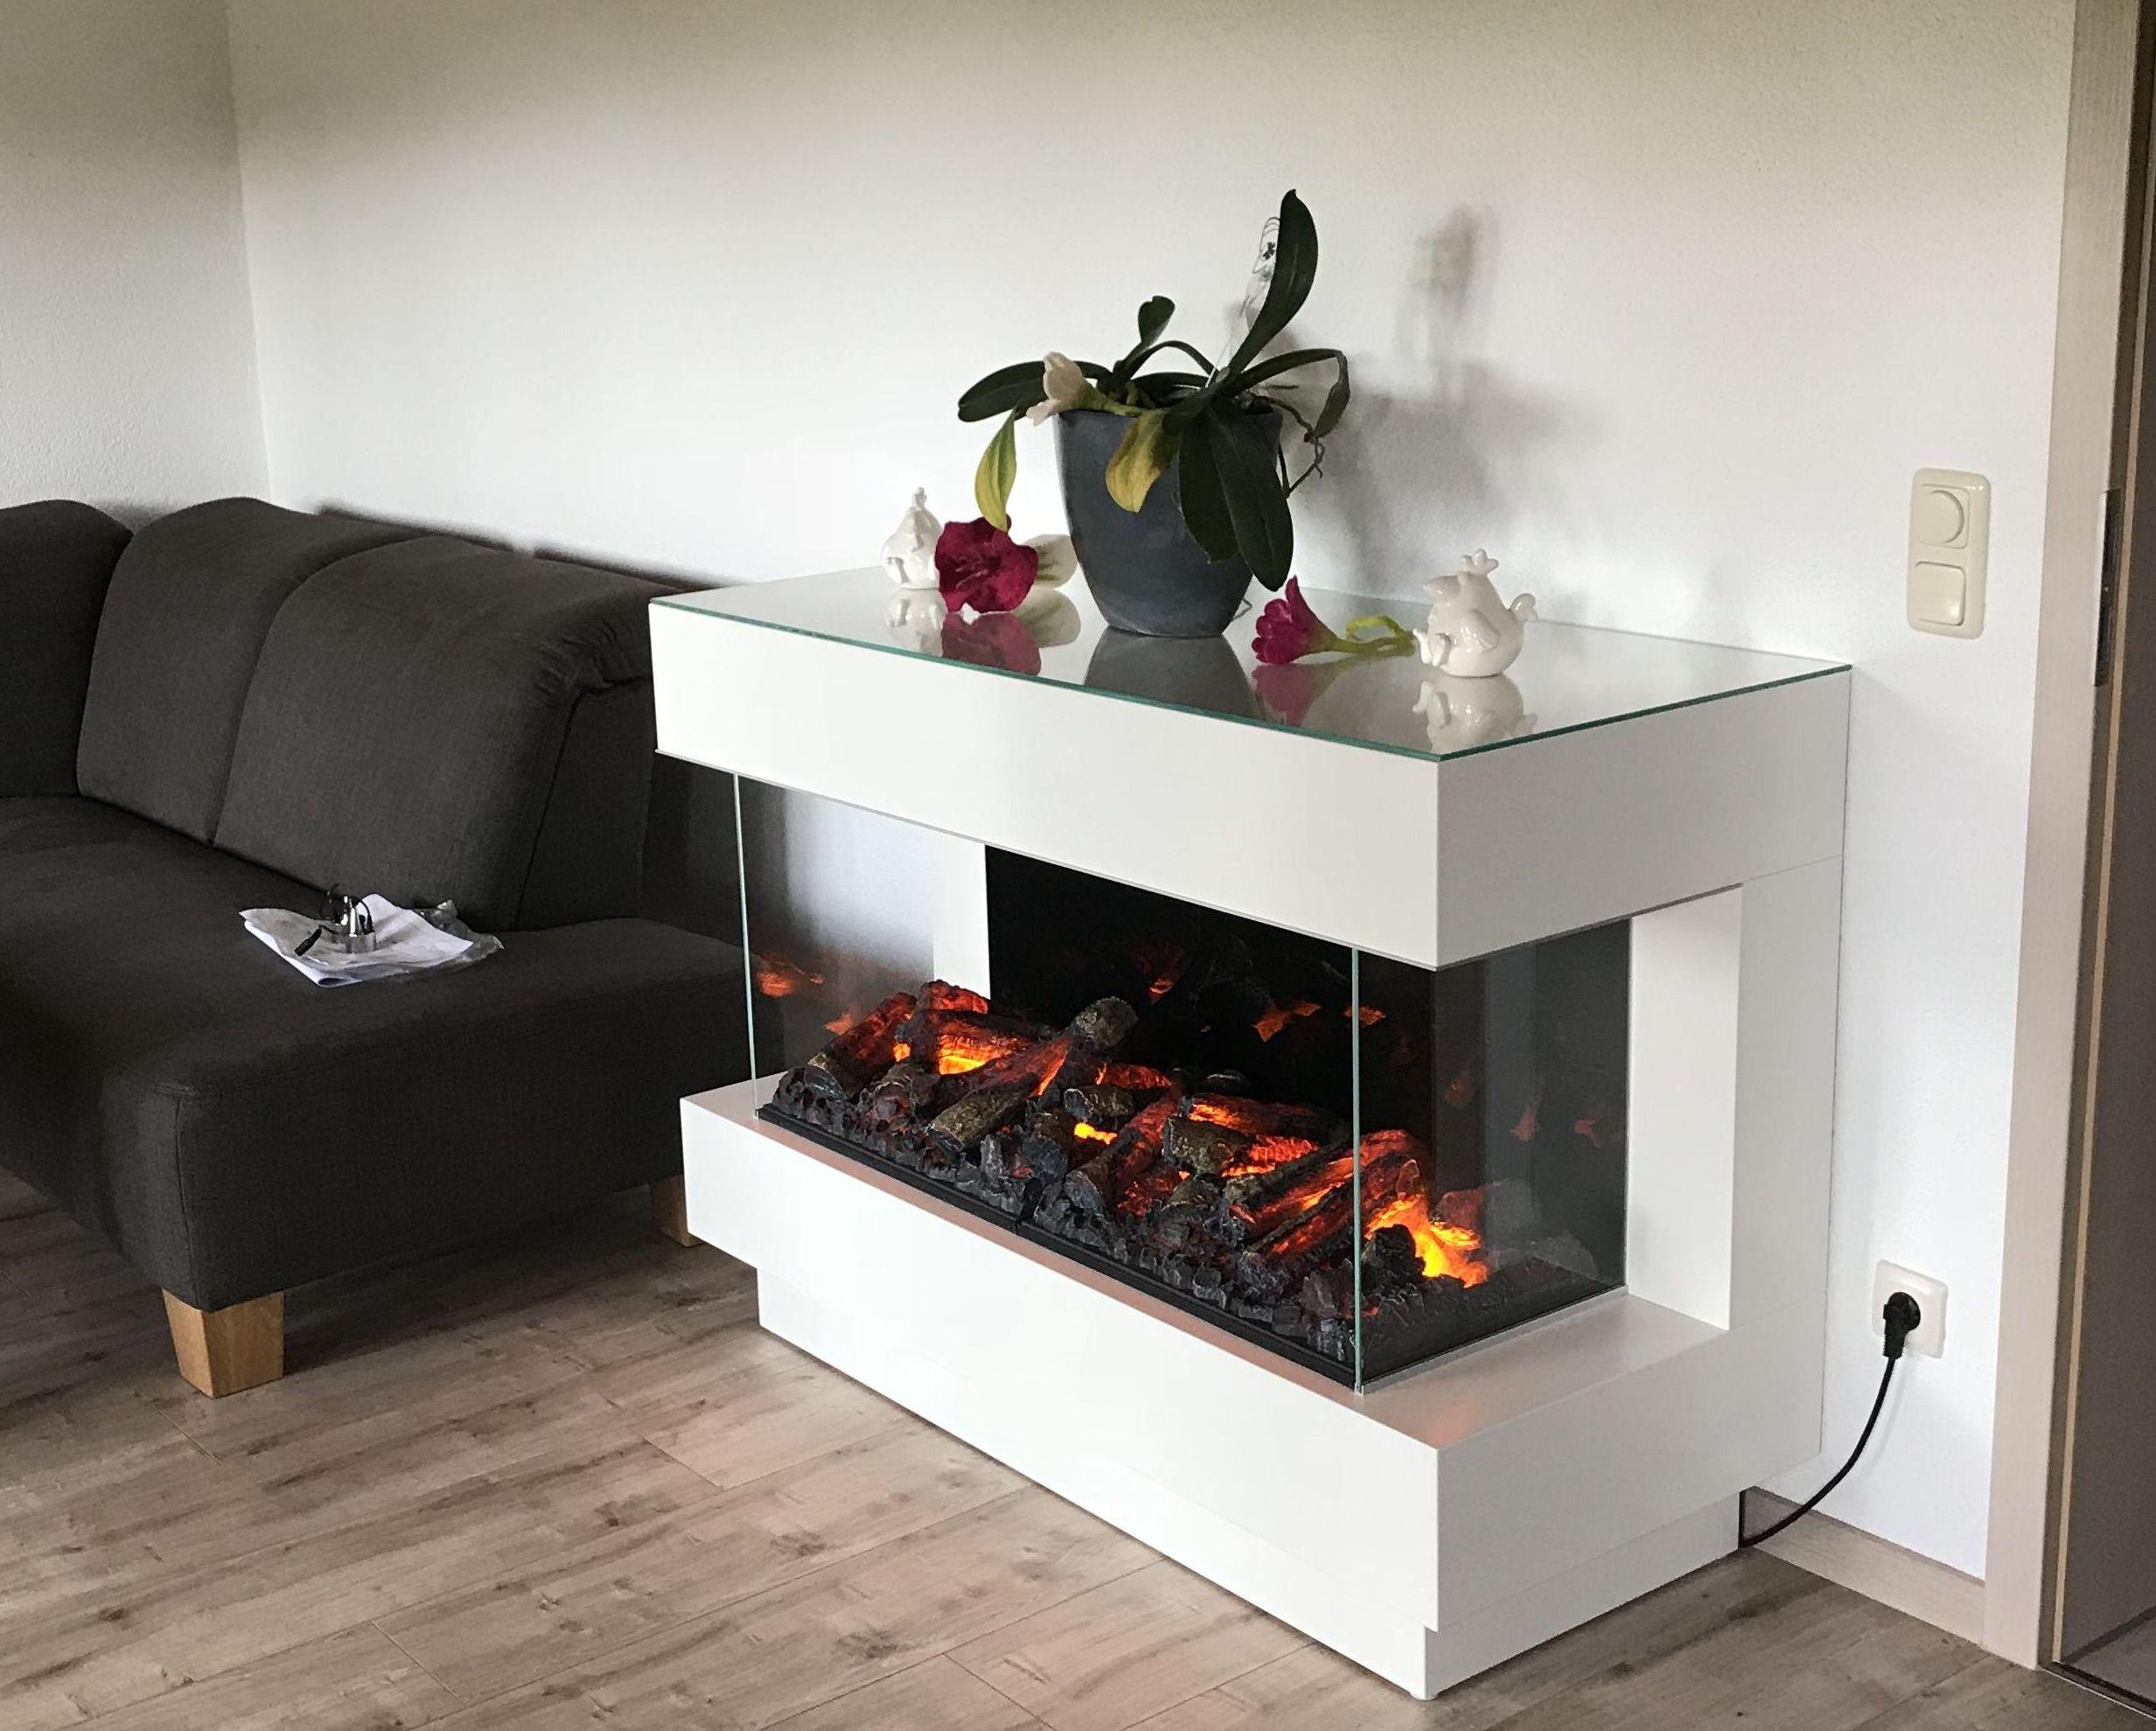 elektrisches kaminfeuer cheminee schweiz concept 4 mit optimyst. Black Bedroom Furniture Sets. Home Design Ideas